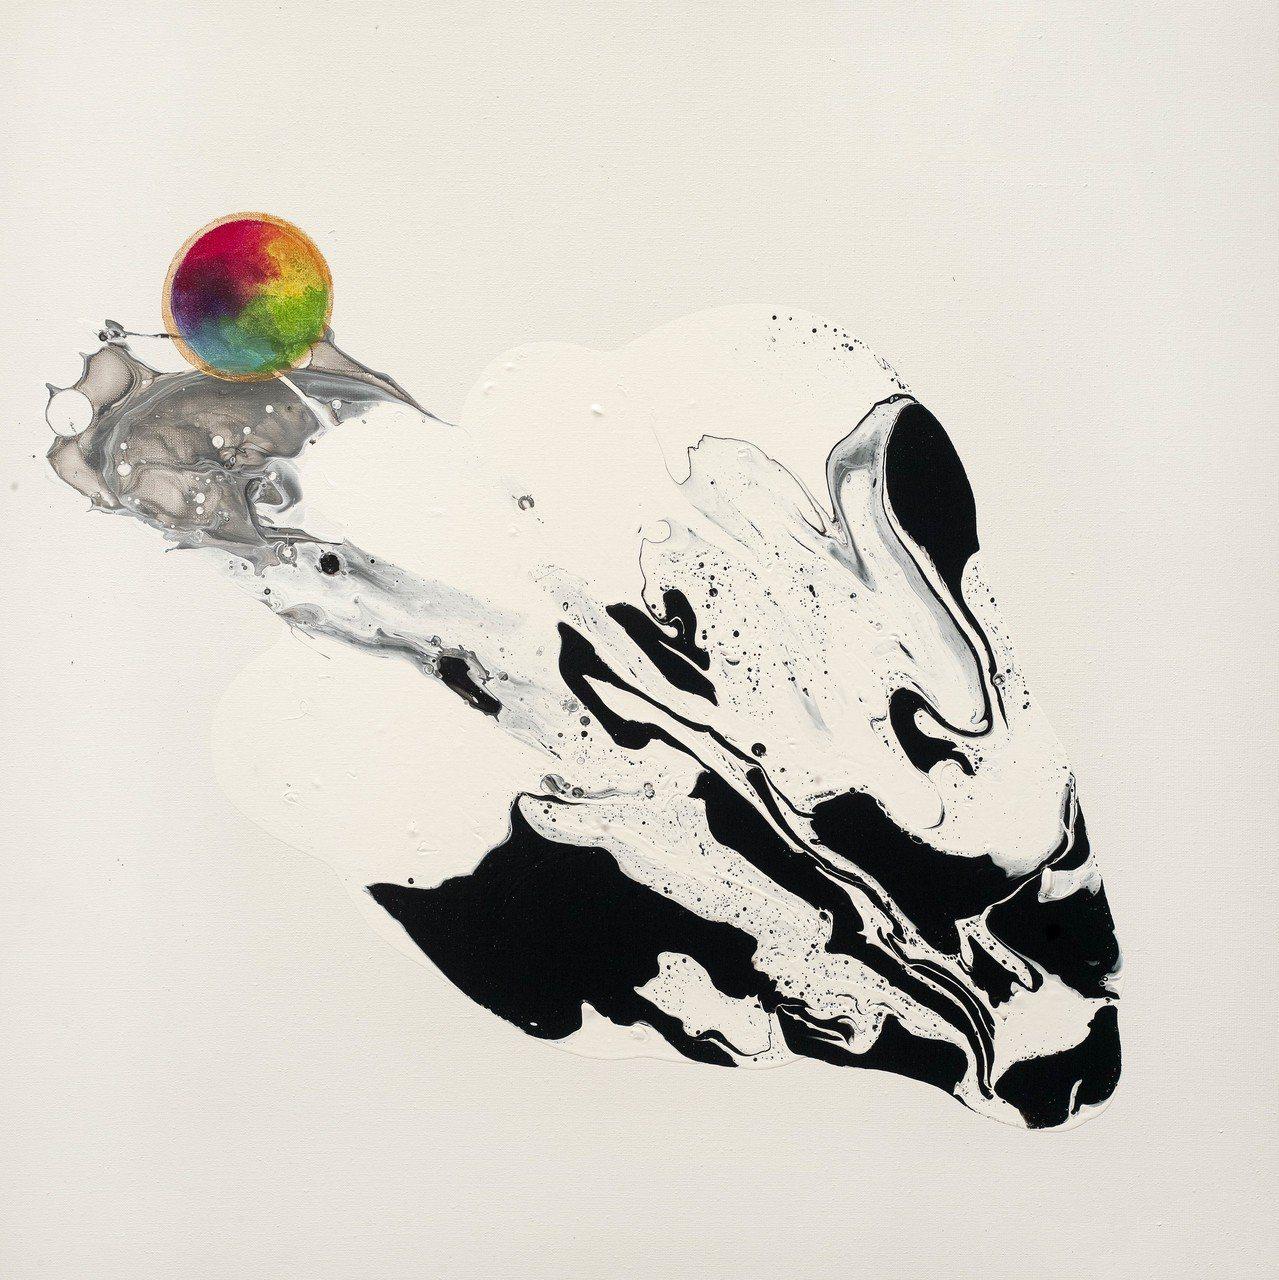 瑪馨玲月四人合作作品《畫龍點睛/一帆風順》。 台灣輕鬆藝術博覽會/提供